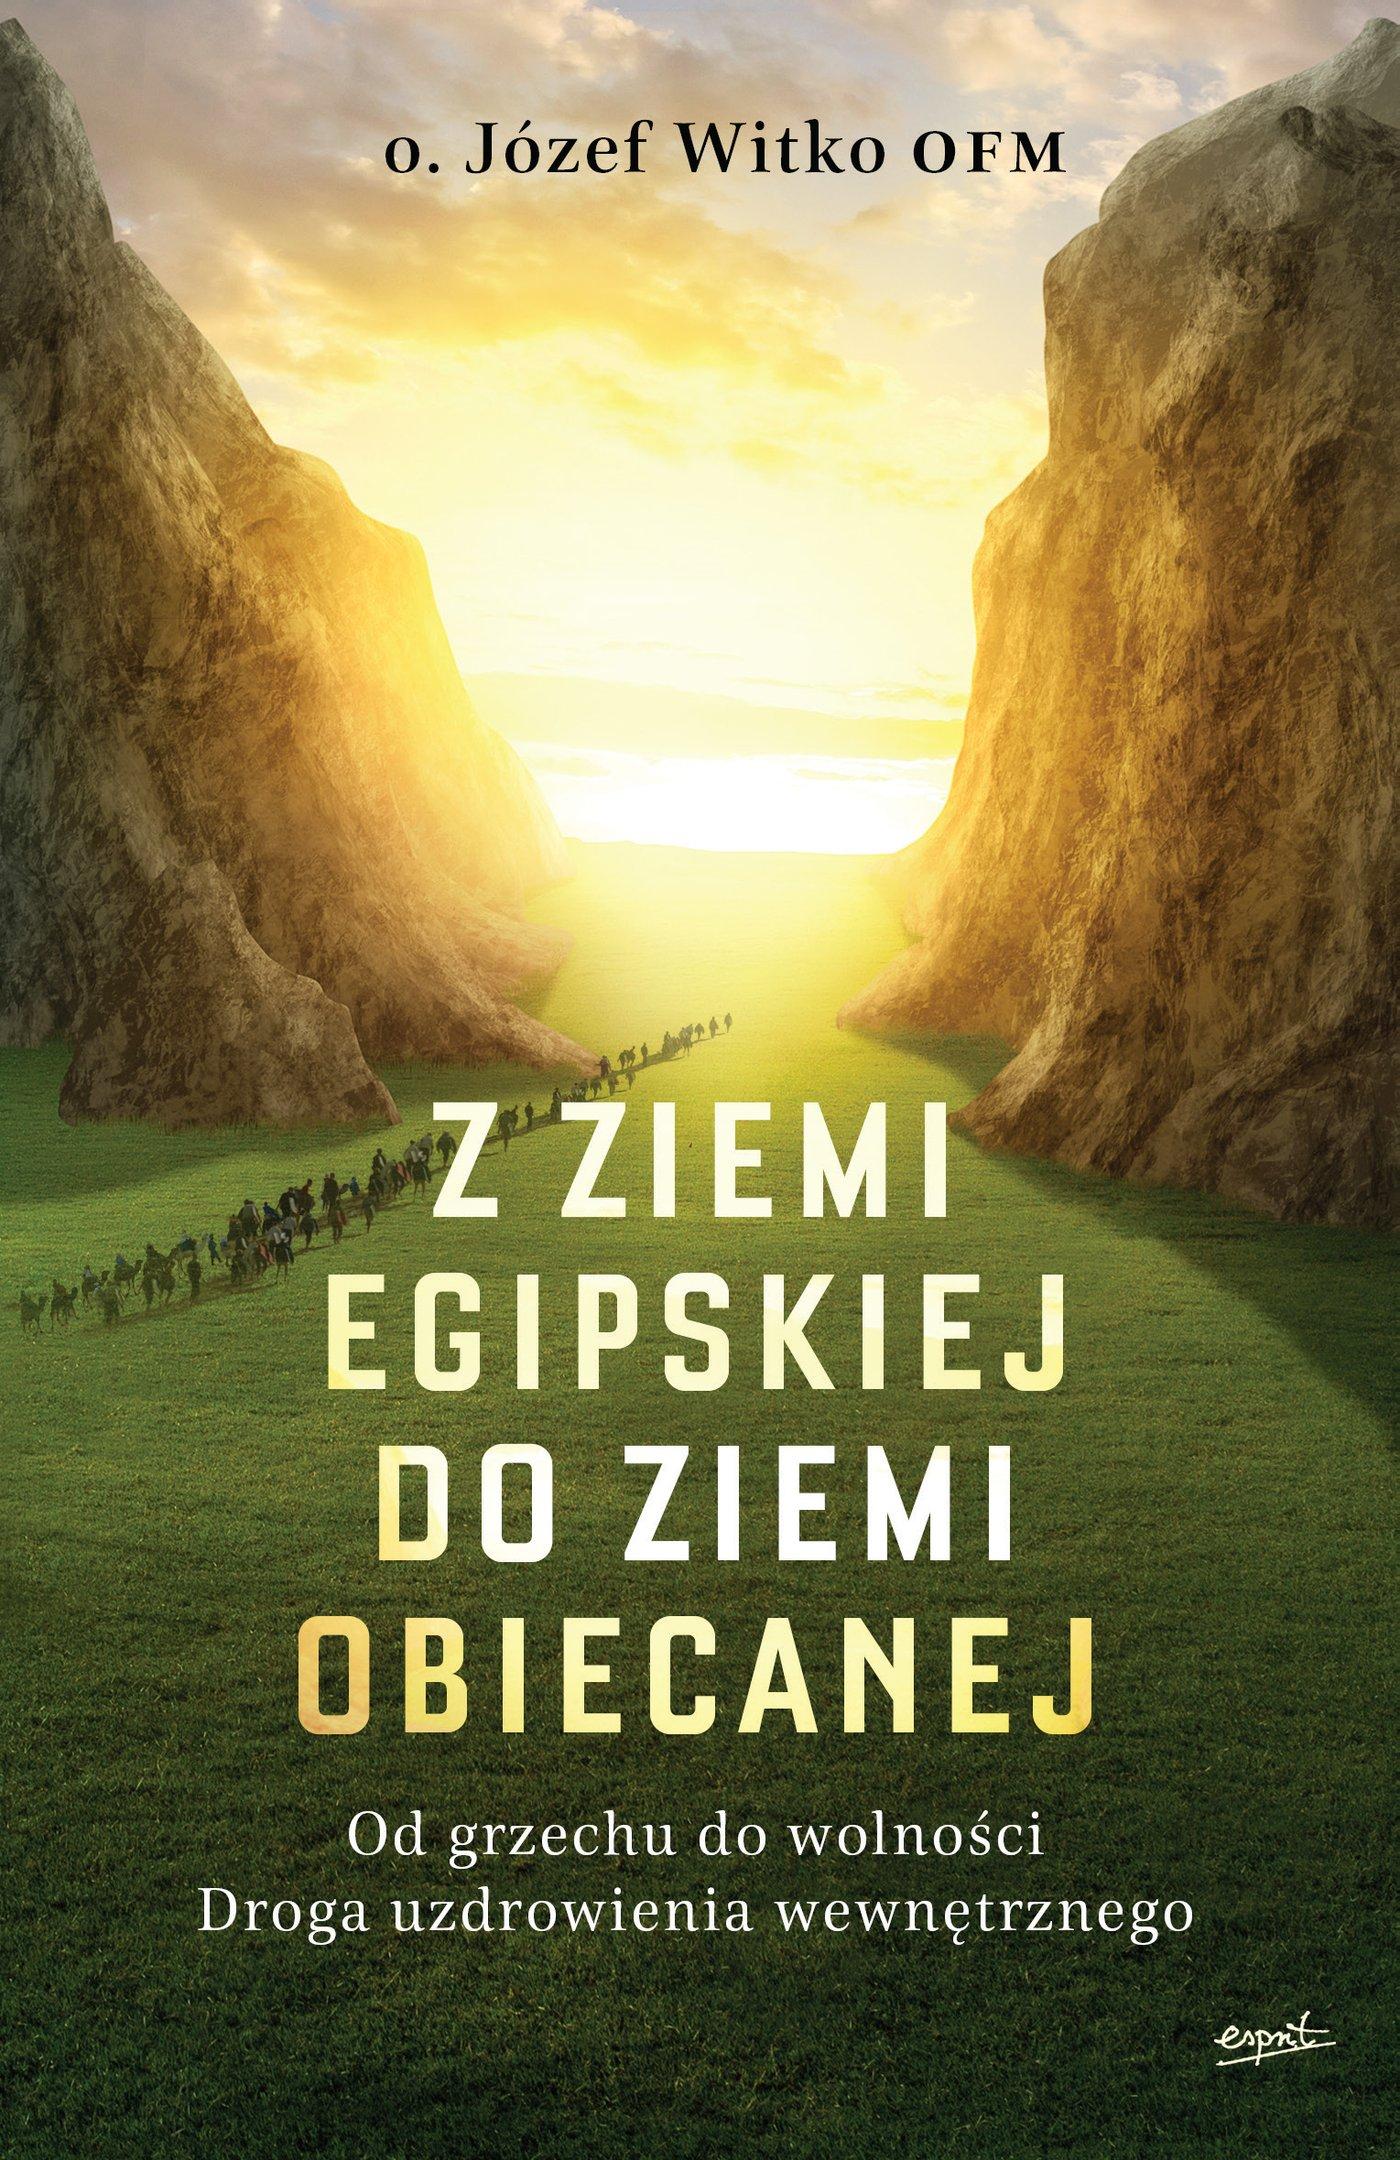 Z ziemi egipskiej do ziemi obiecanej - Ebook (Książka na Kindle) do pobrania w formacie MOBI